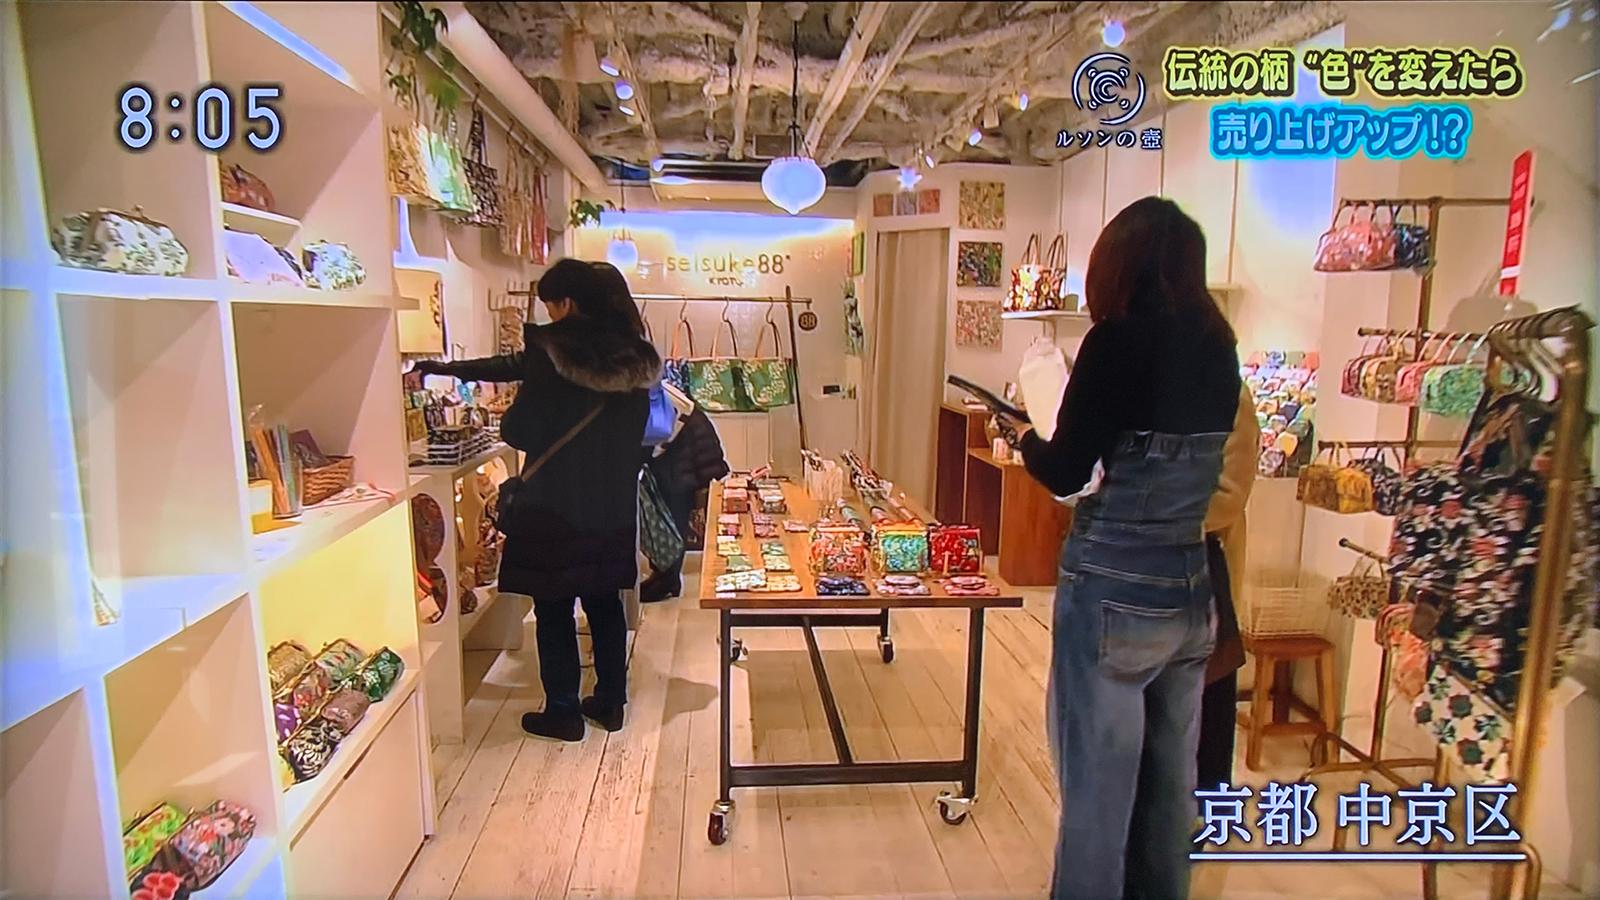 NHK『ルソンの壷』(2018/02/25)